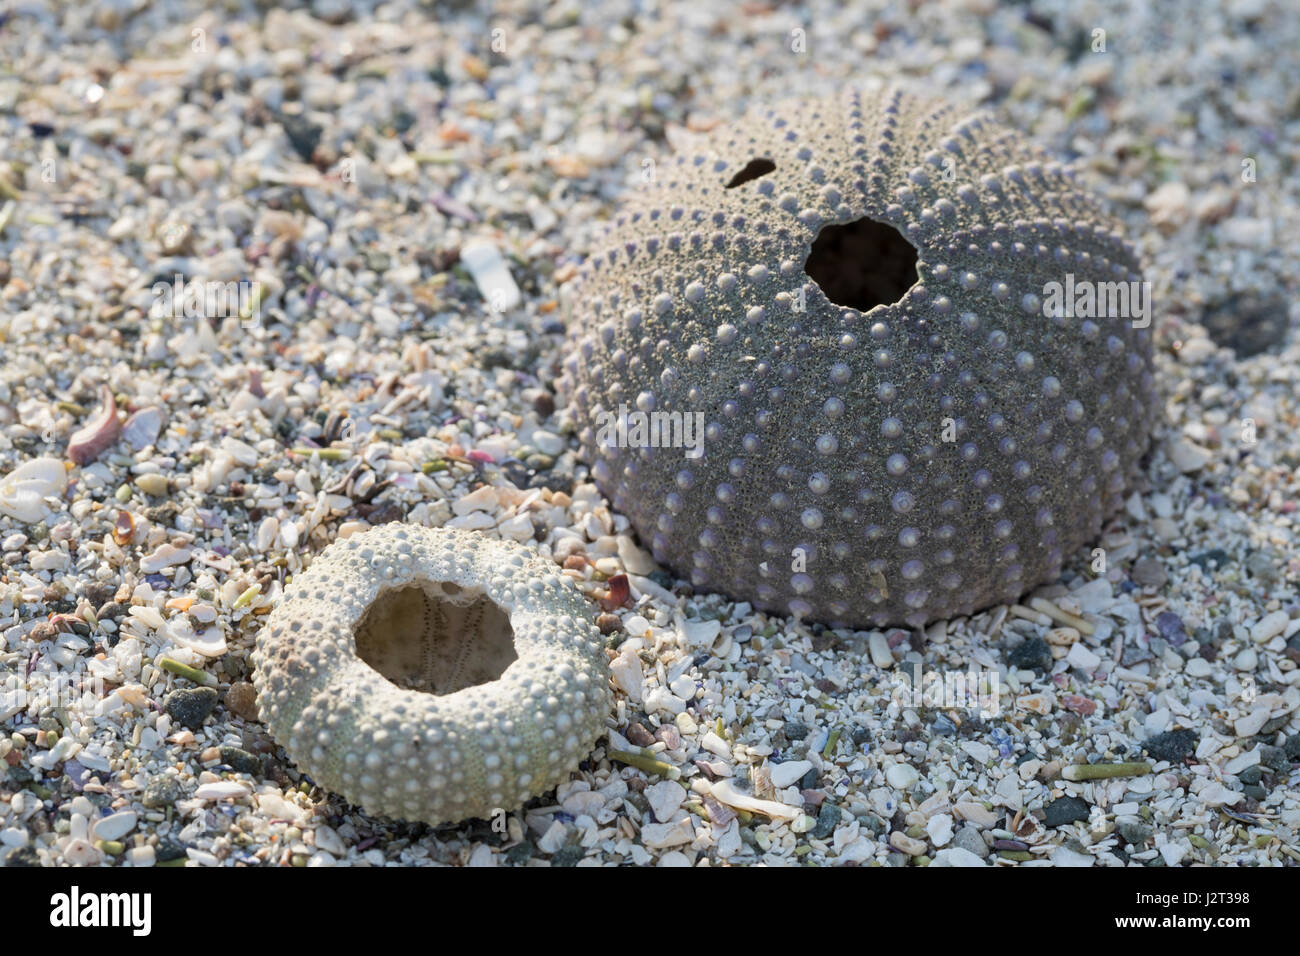 Seeigel-Skelett am Strand, Spülsaum, Skelett eines regelmäßigen Seeigel, Regularia, Seeigel-Kalk Immagini Stock